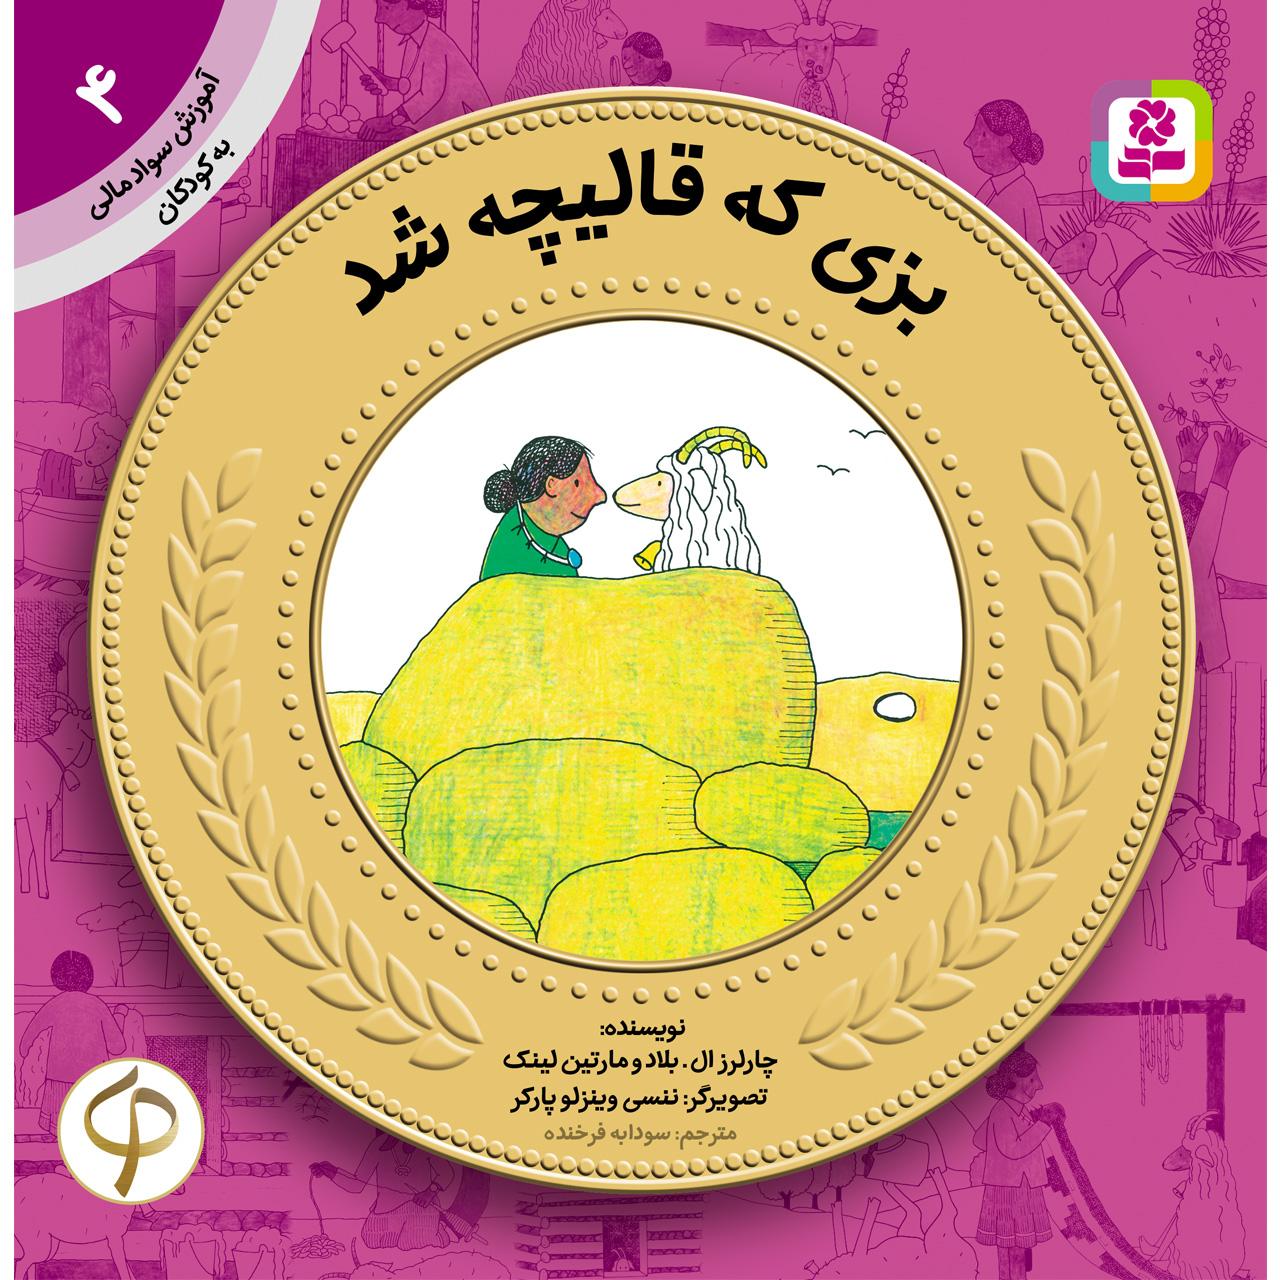 خرید                      کتاب آموزش سواد مالی به کودکان 4 بزی که قالیچه شد اثر چارلرز ال.بلاد